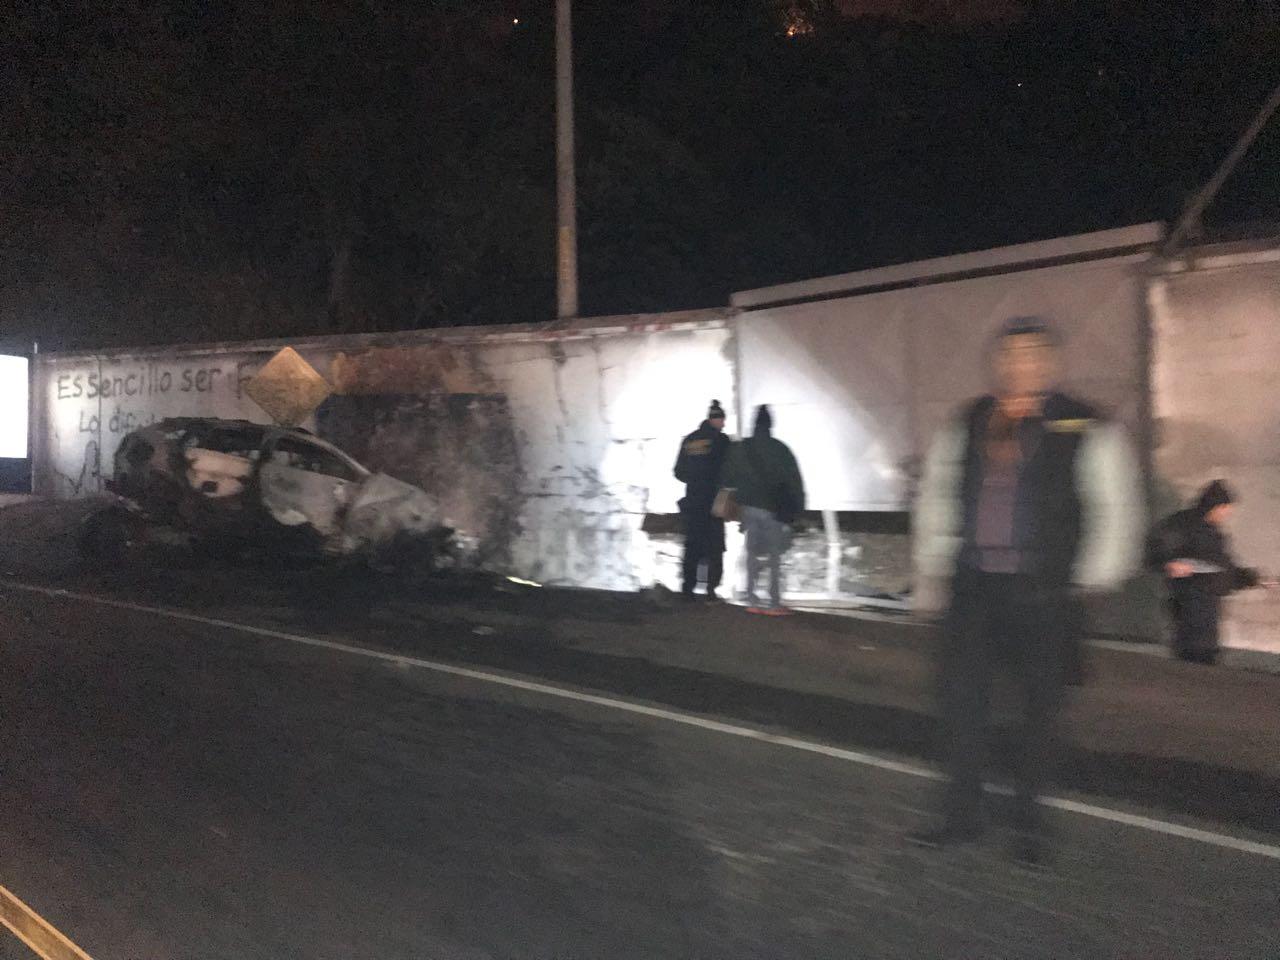 Piloto de vehículo muere en accidente de tránsito